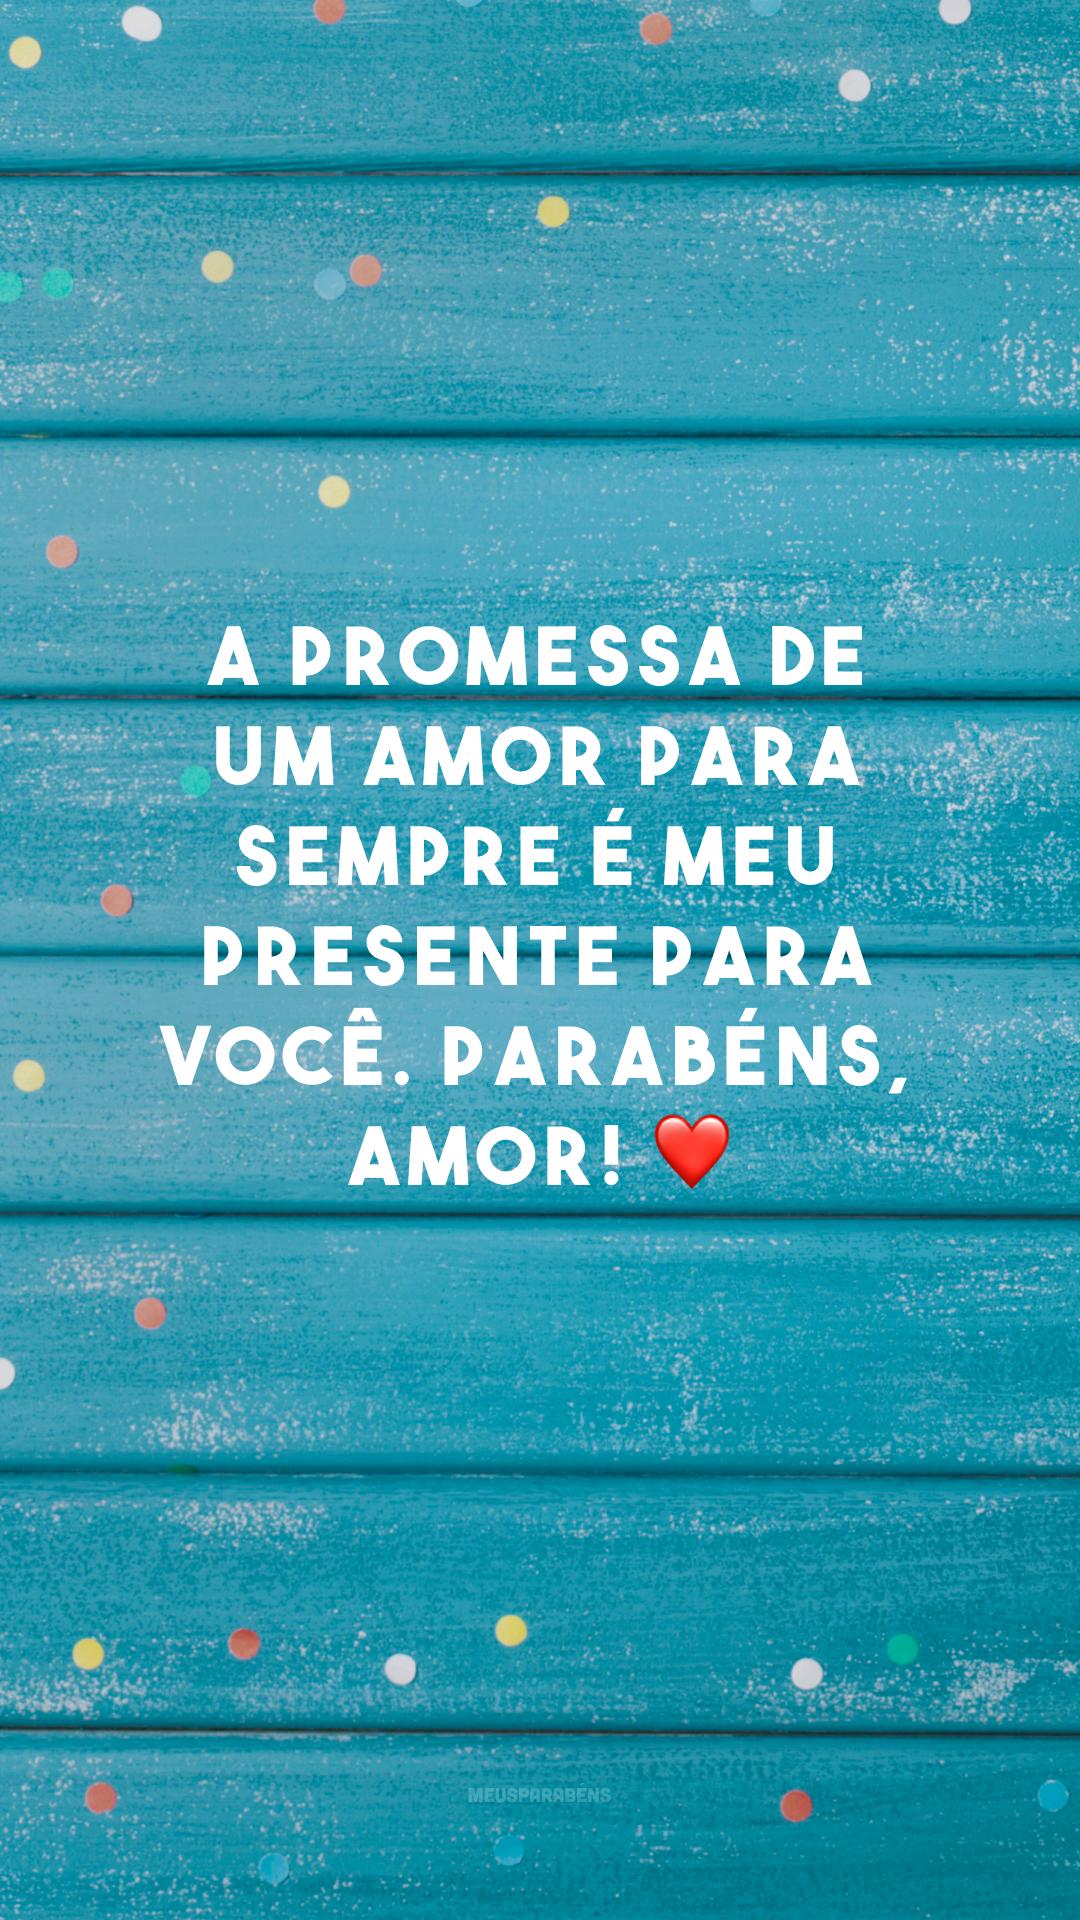 A promessa de um amor para sempre é meu presente para você. Parabéns, amor! ❤